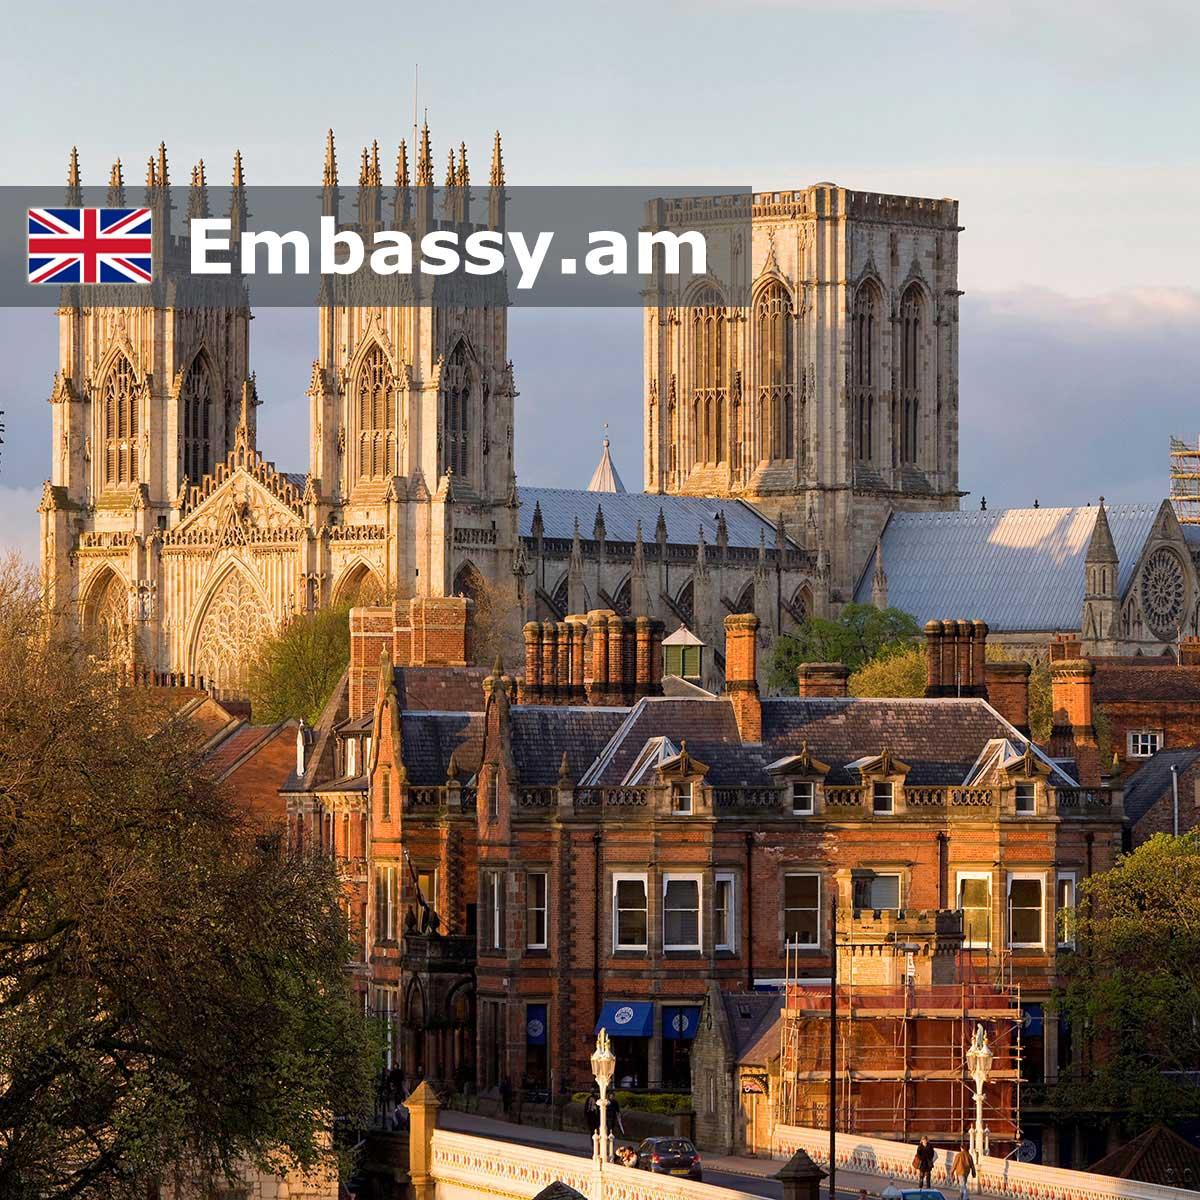 Յորքը - Հյուրանոցներ Միացյալ Թագավորությունում - Embassy.am